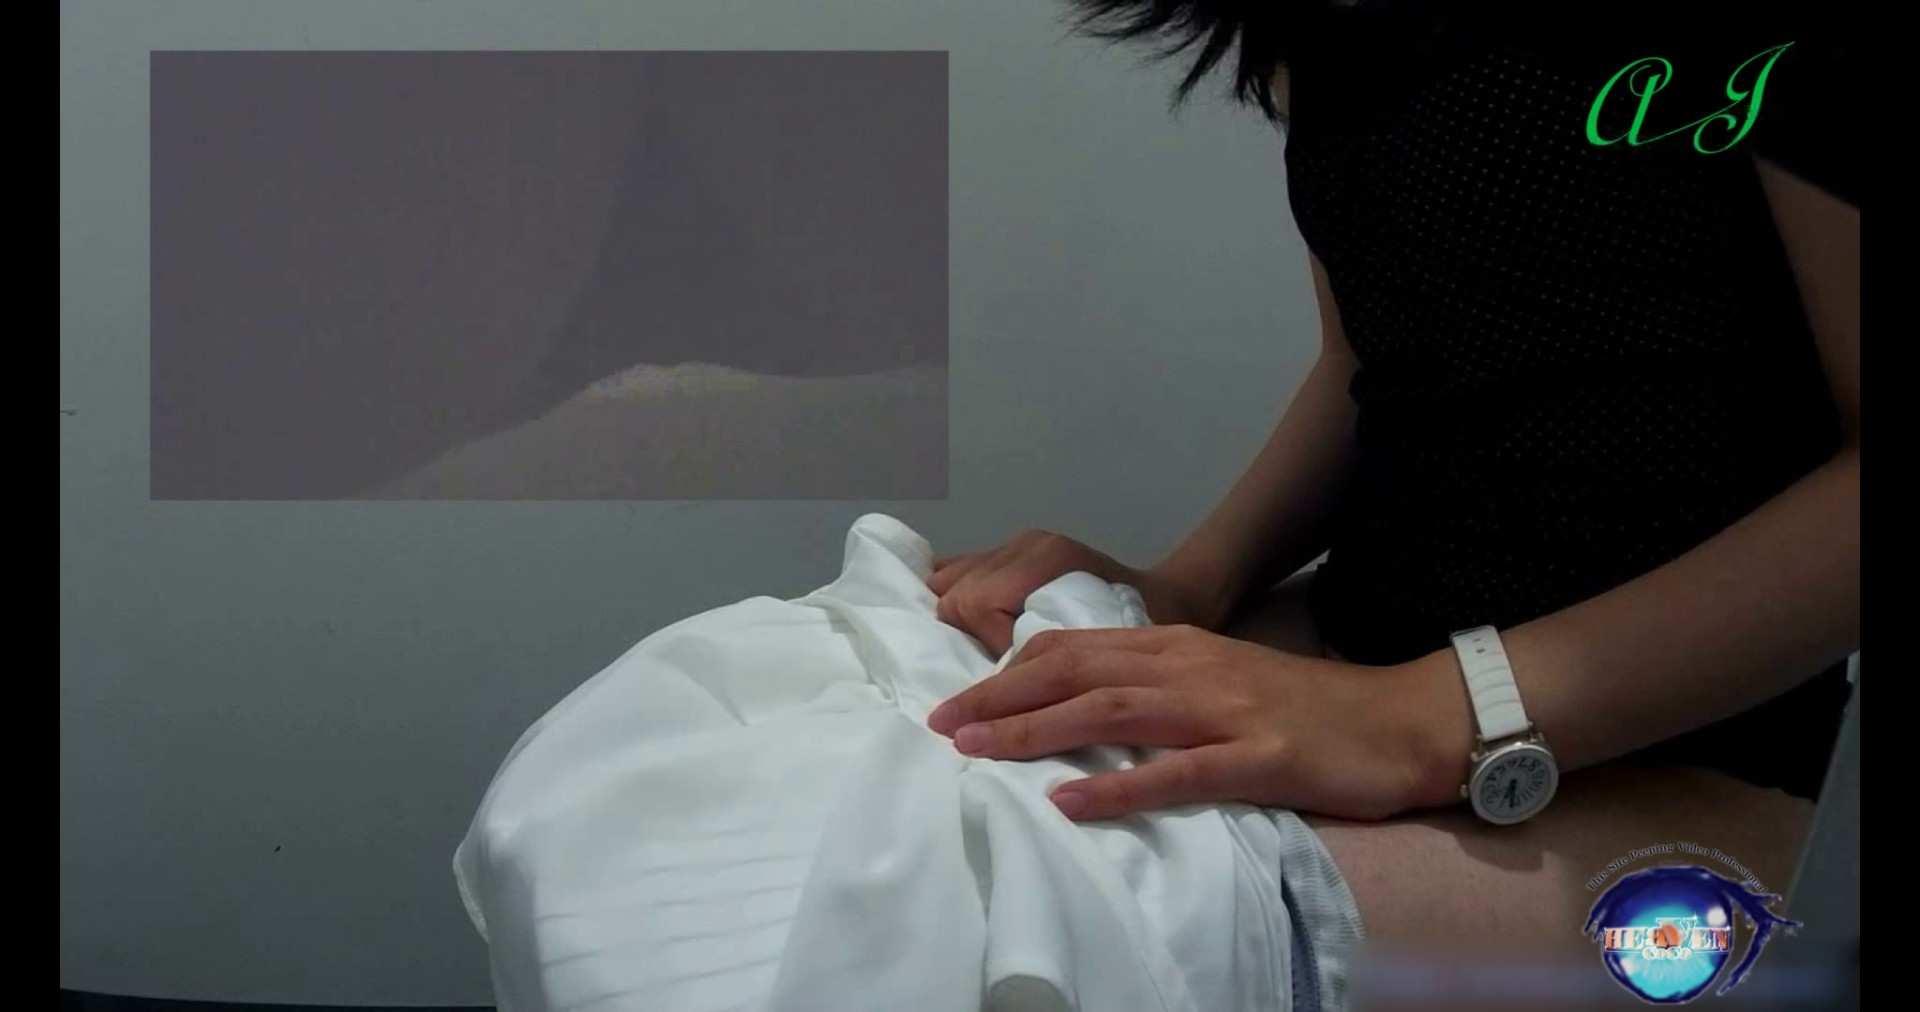 素敵なパンストお姉さん 有名大学女性洗面所 vol.73 OLエロ画像 隠し撮りおまんこ動画流出 56PICs 26